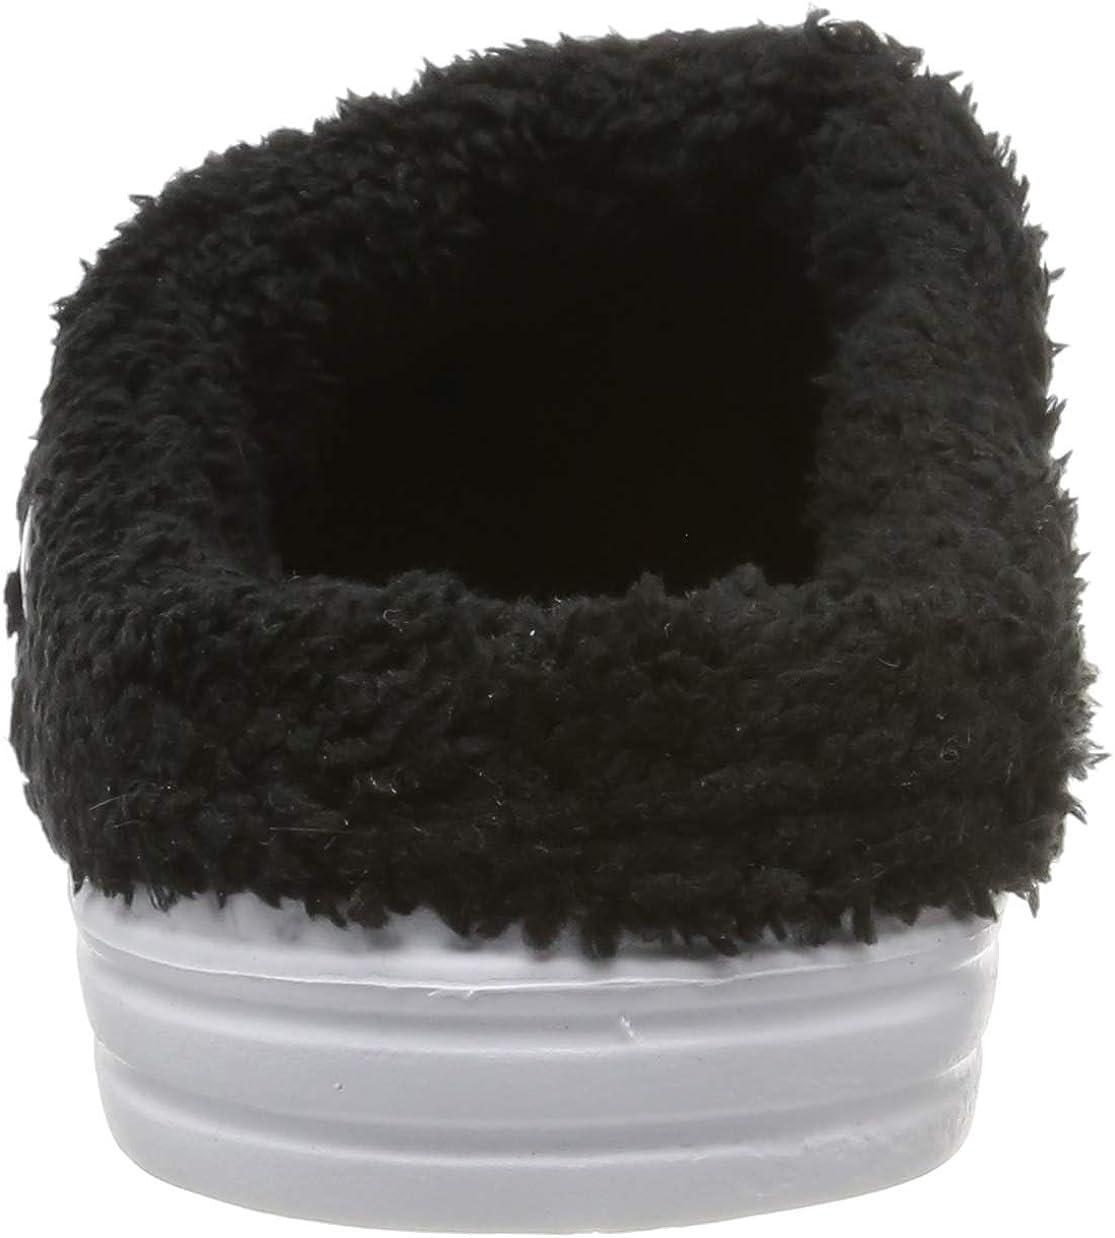 WOWEI Pantofole Invernali Caldo Scarpe da Casa Zoccoli Walking Confortevole Slipper da Uomo Donna per Indoor Outdoor